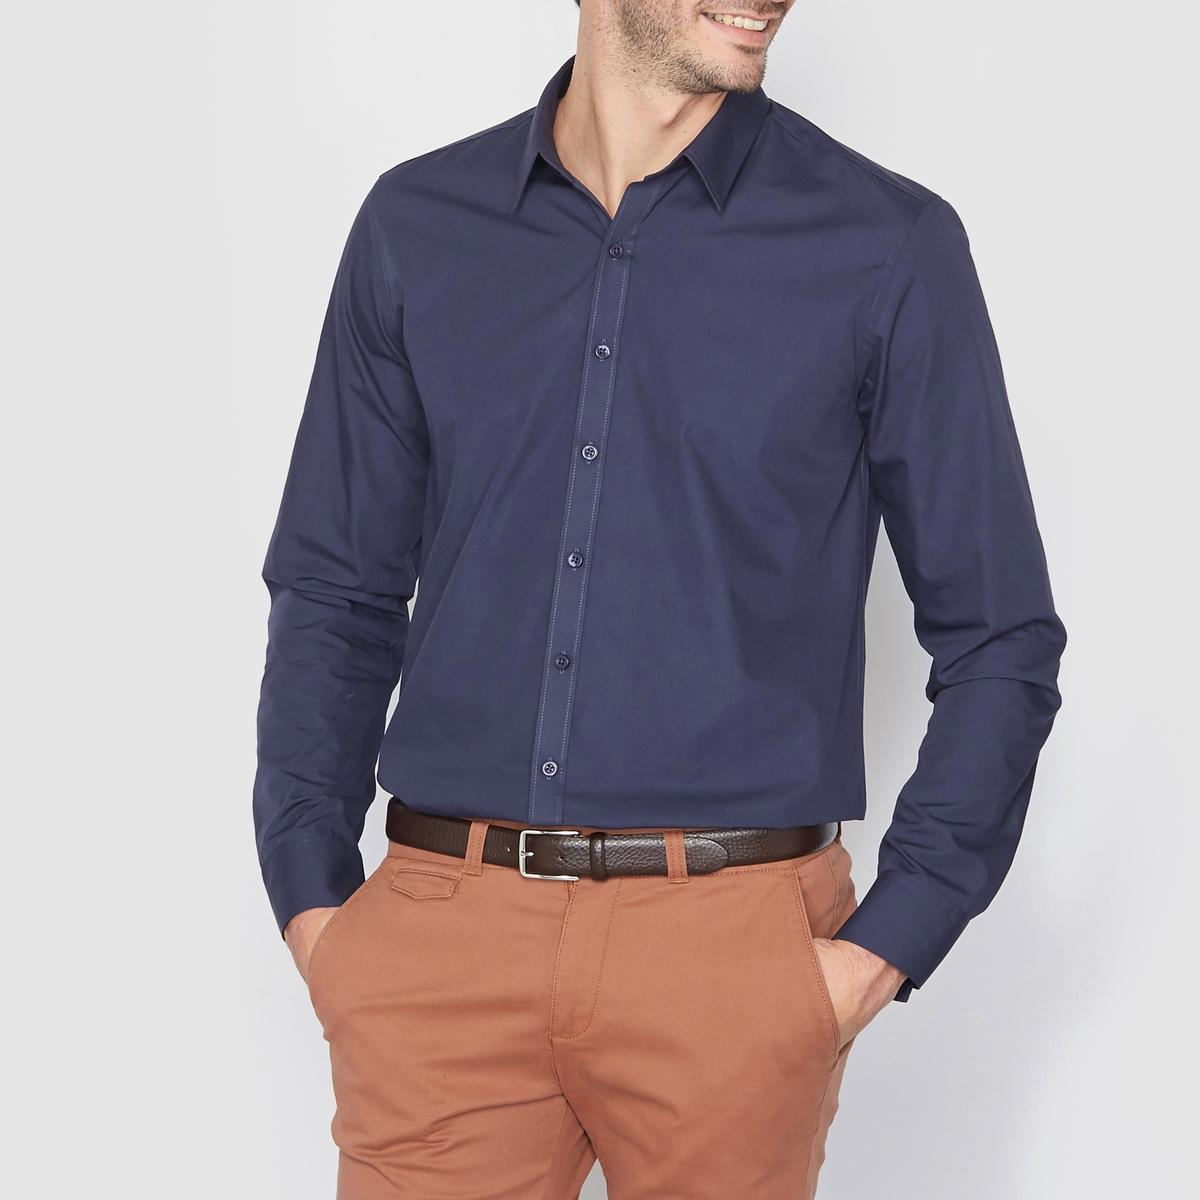 Рубашка однотонная прямого покрояРубашка прямого покроя с длинными рукавами. Длина 77 см.   Легкая глажка.Низ рукавов с застежкой на пуговицы. 55% хлопка, 45% полиэстера.<br><br>Цвет: небесно-голубой,темно-синий,черный<br>Размер: 41/42.43/44.47/48.35/36.37/38.41/42.43/44.37/38.39/40.43/44